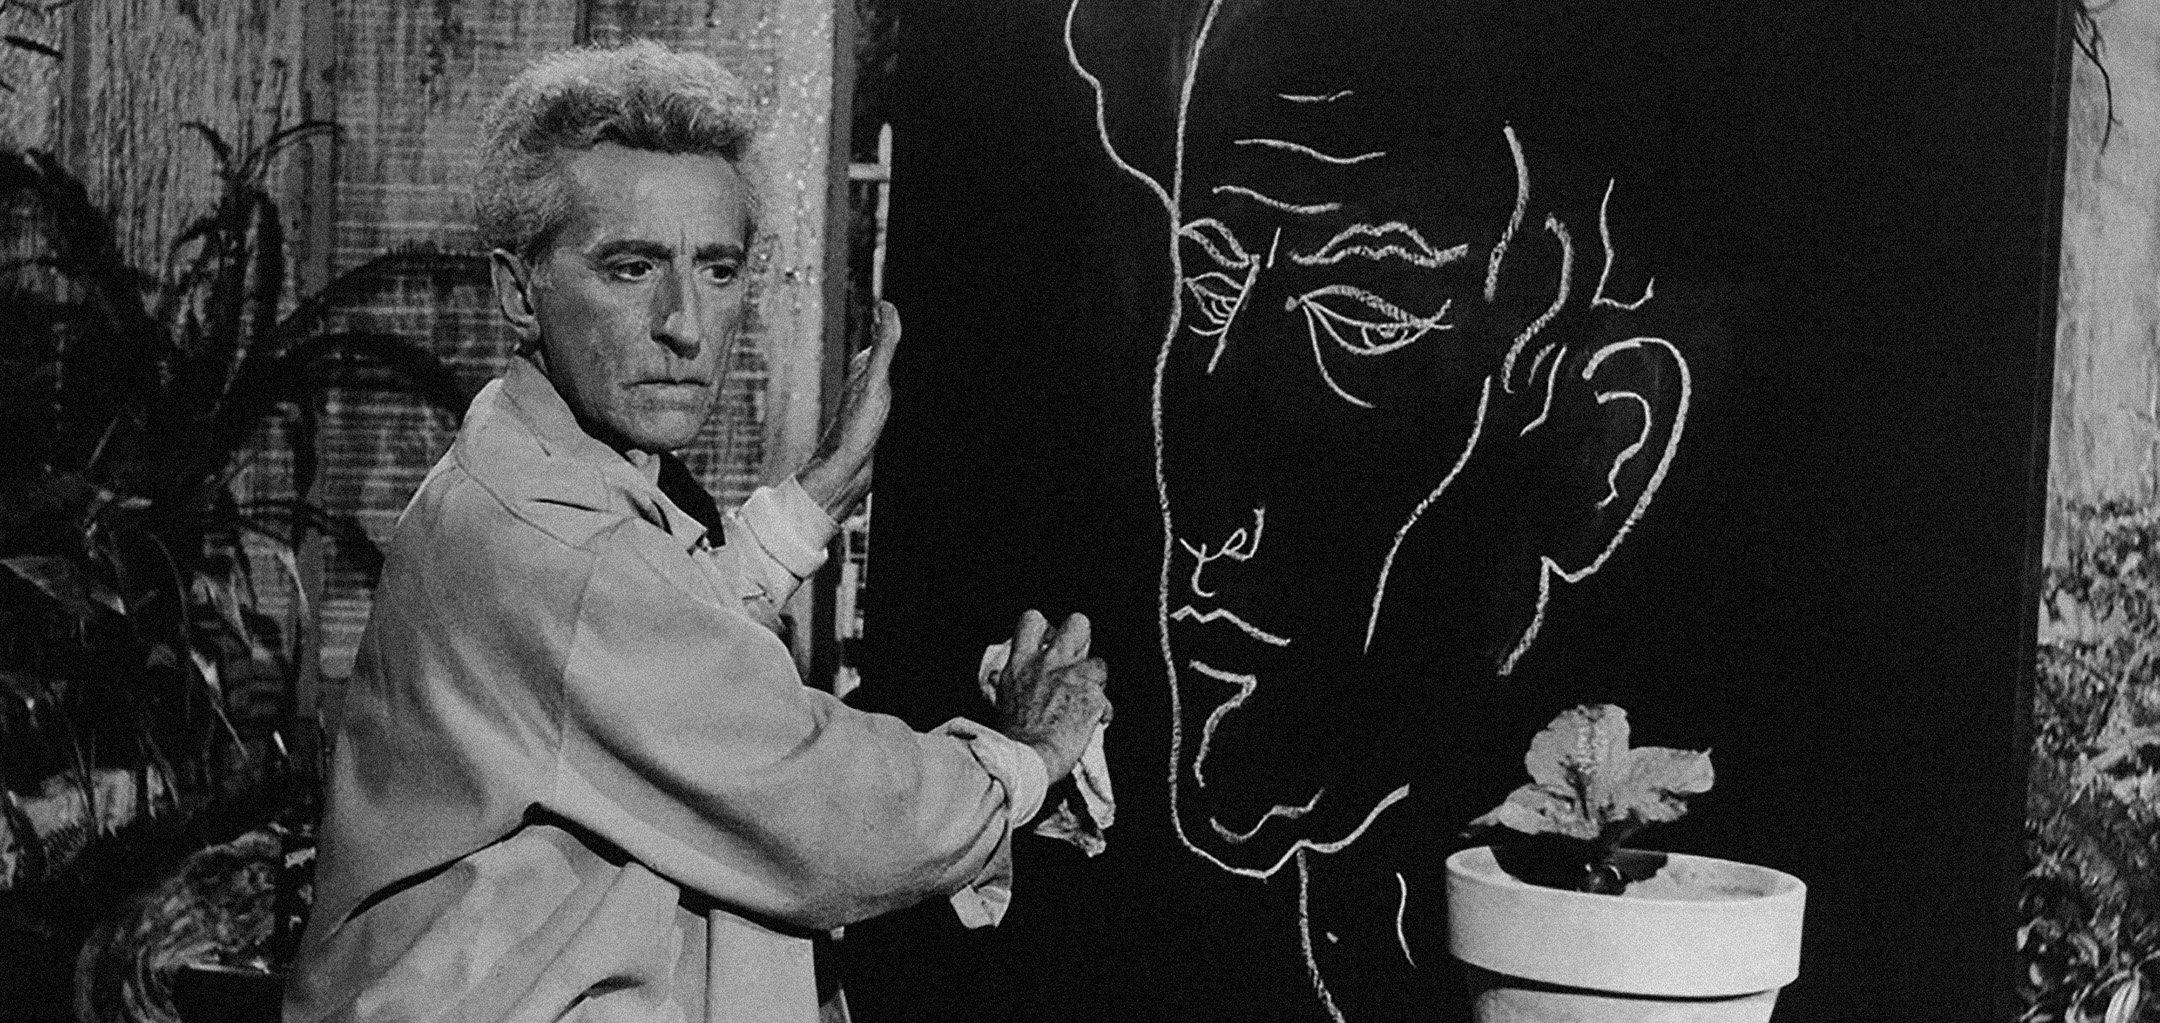 Still from Jean Cocteau - Autoportrait D'un Inconnu (1983)